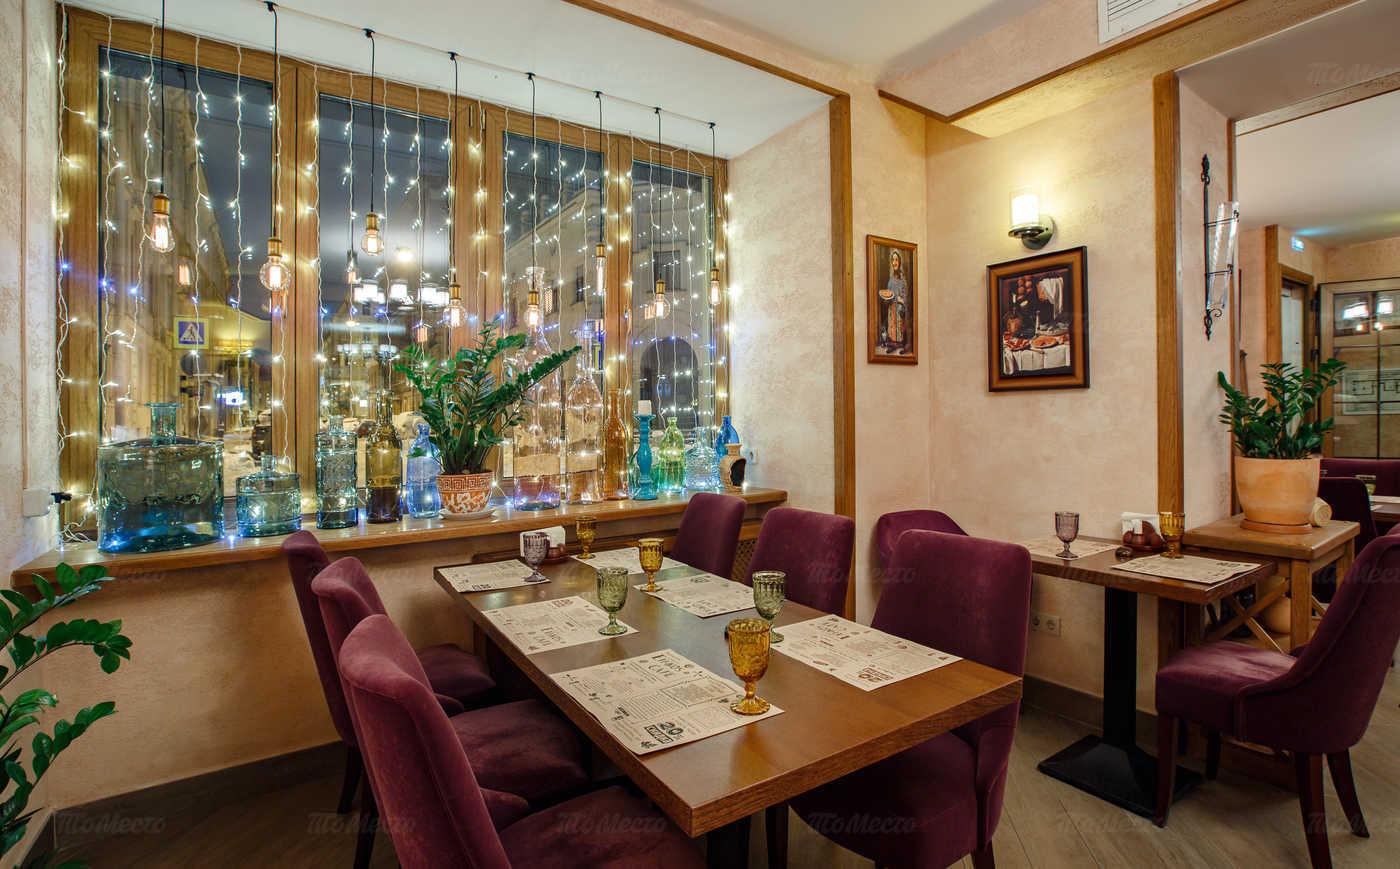 Кафе Этнос в Кузнечном переулке фото 4